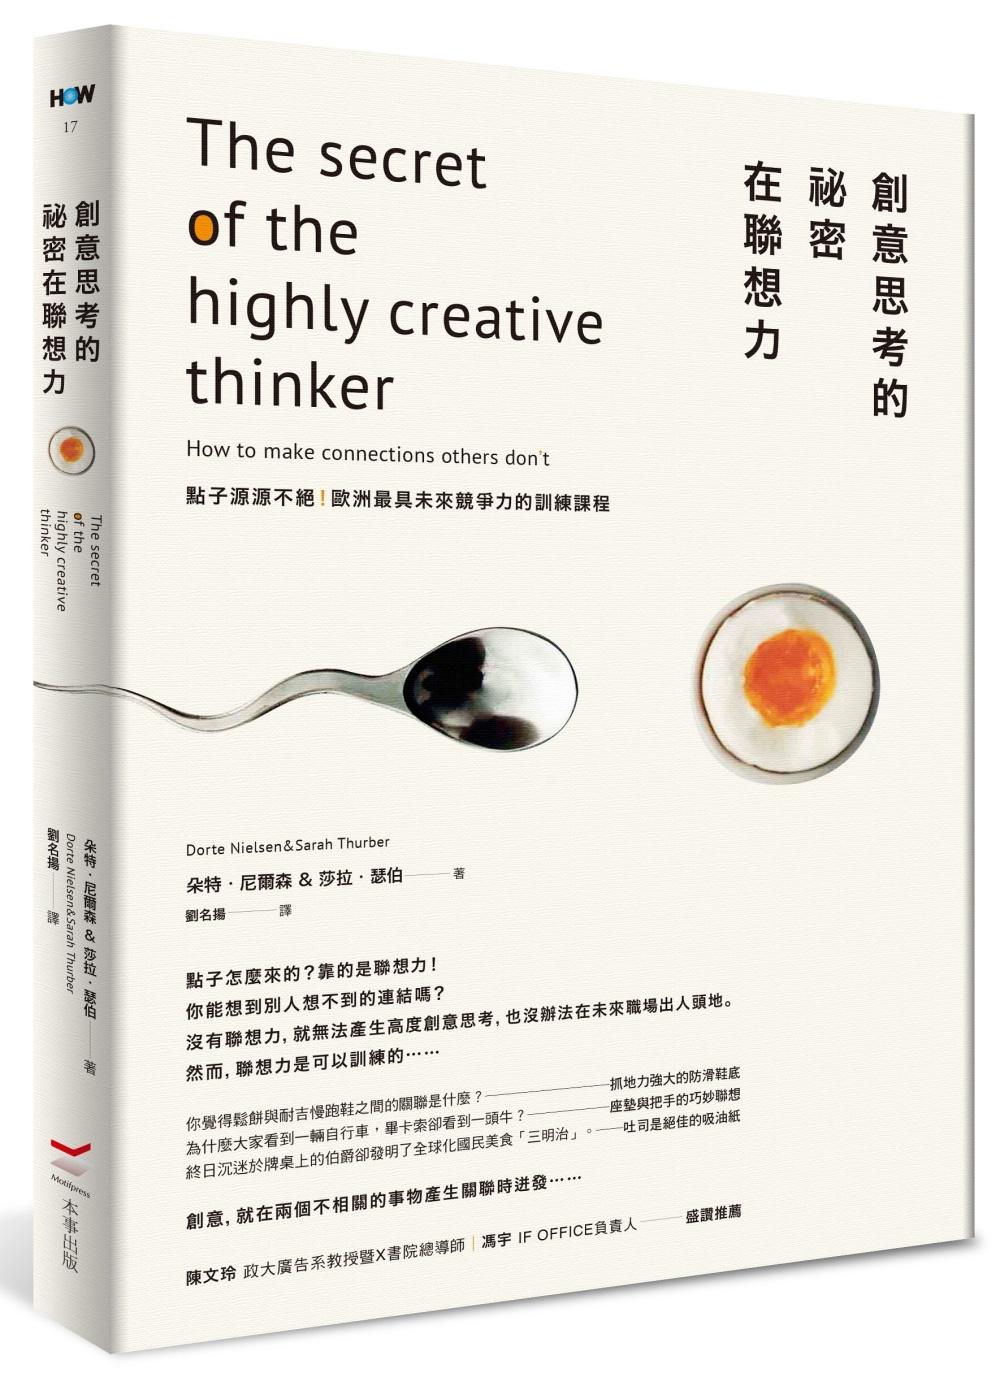 創意思考的祕密在聯想力:點子源源不絕!歐洲最具未來競爭力的訓練課程